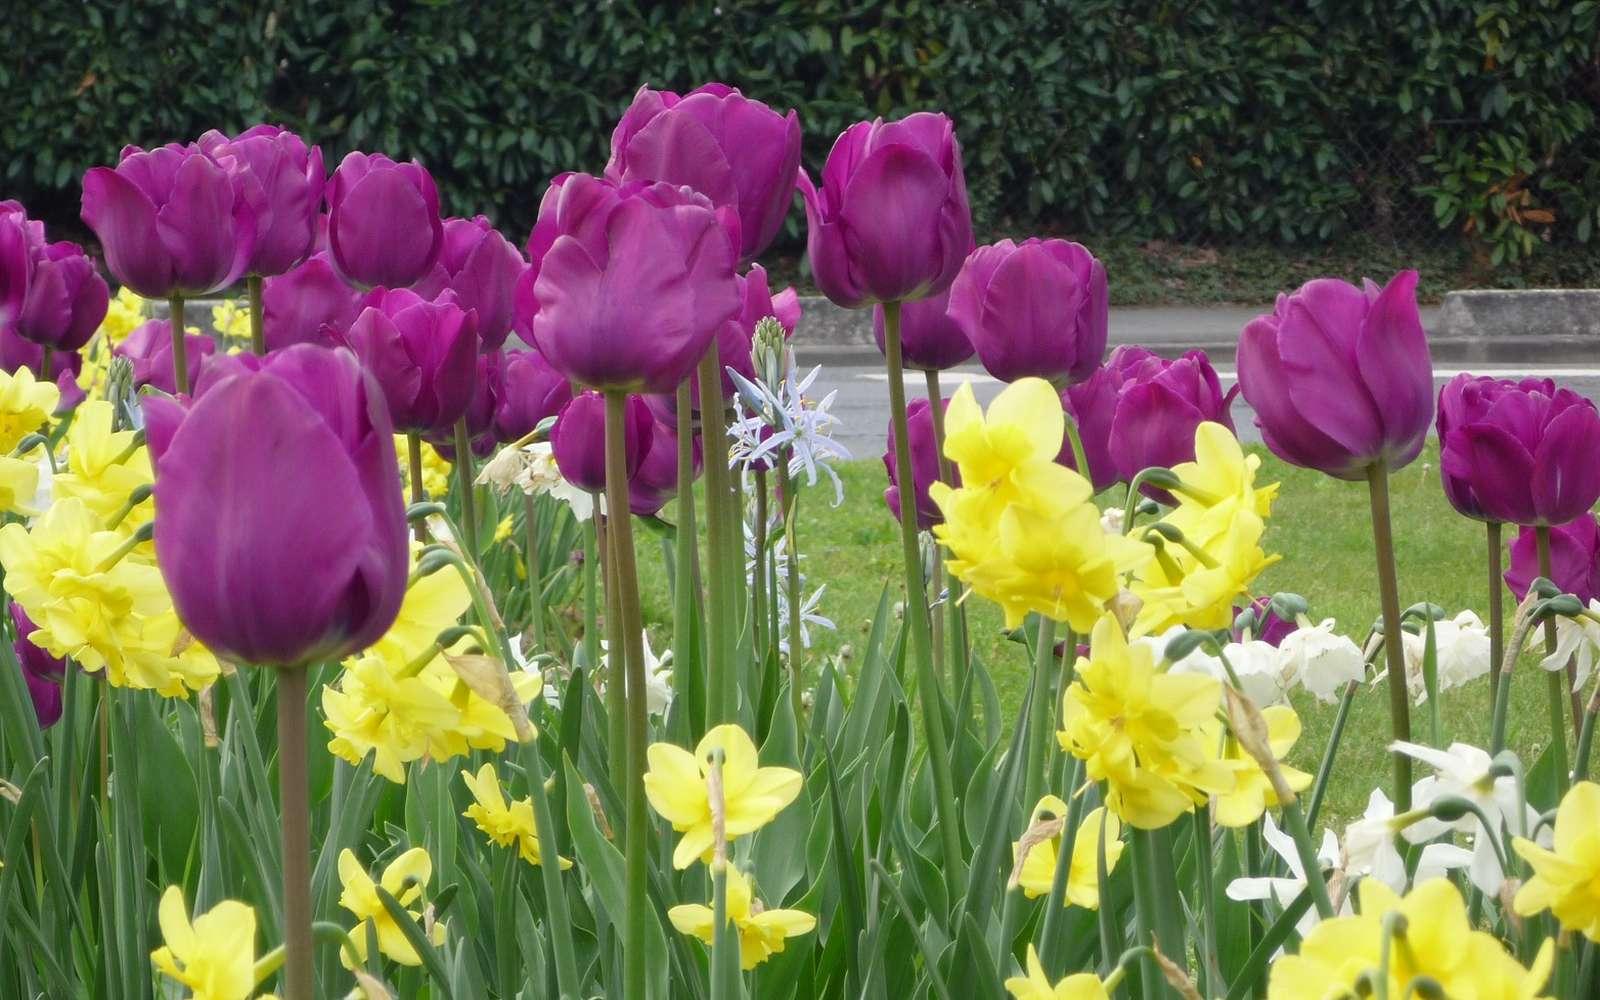 La tulipe est une plante à bulbe appréciée pour sa variété de couleurs © S. Chaillot